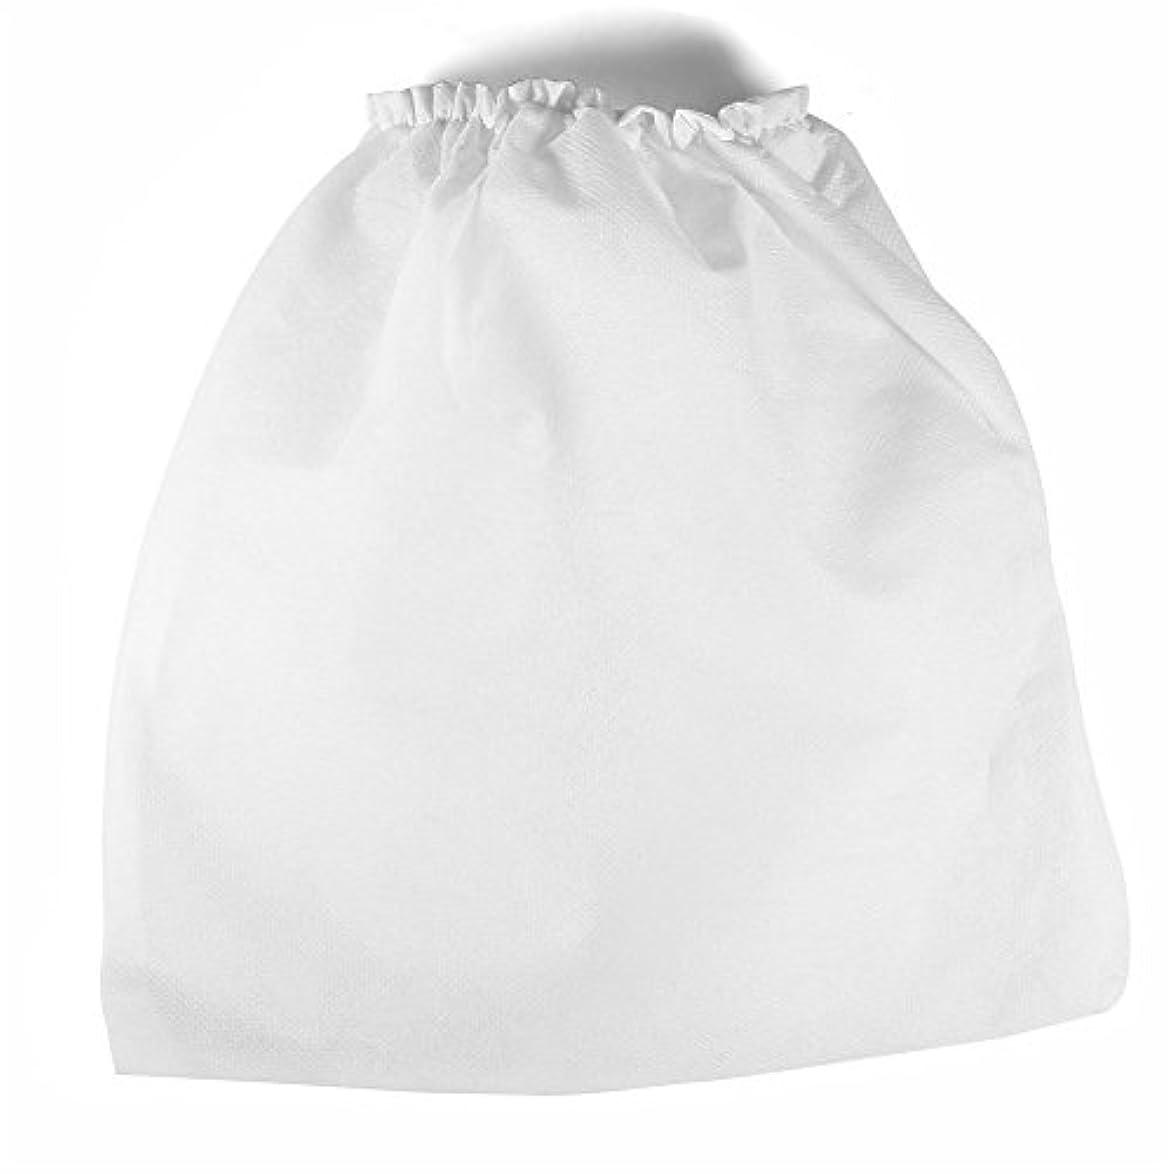 ドールトランザクションうがい10本の不織布掃除機の交換用バッグ